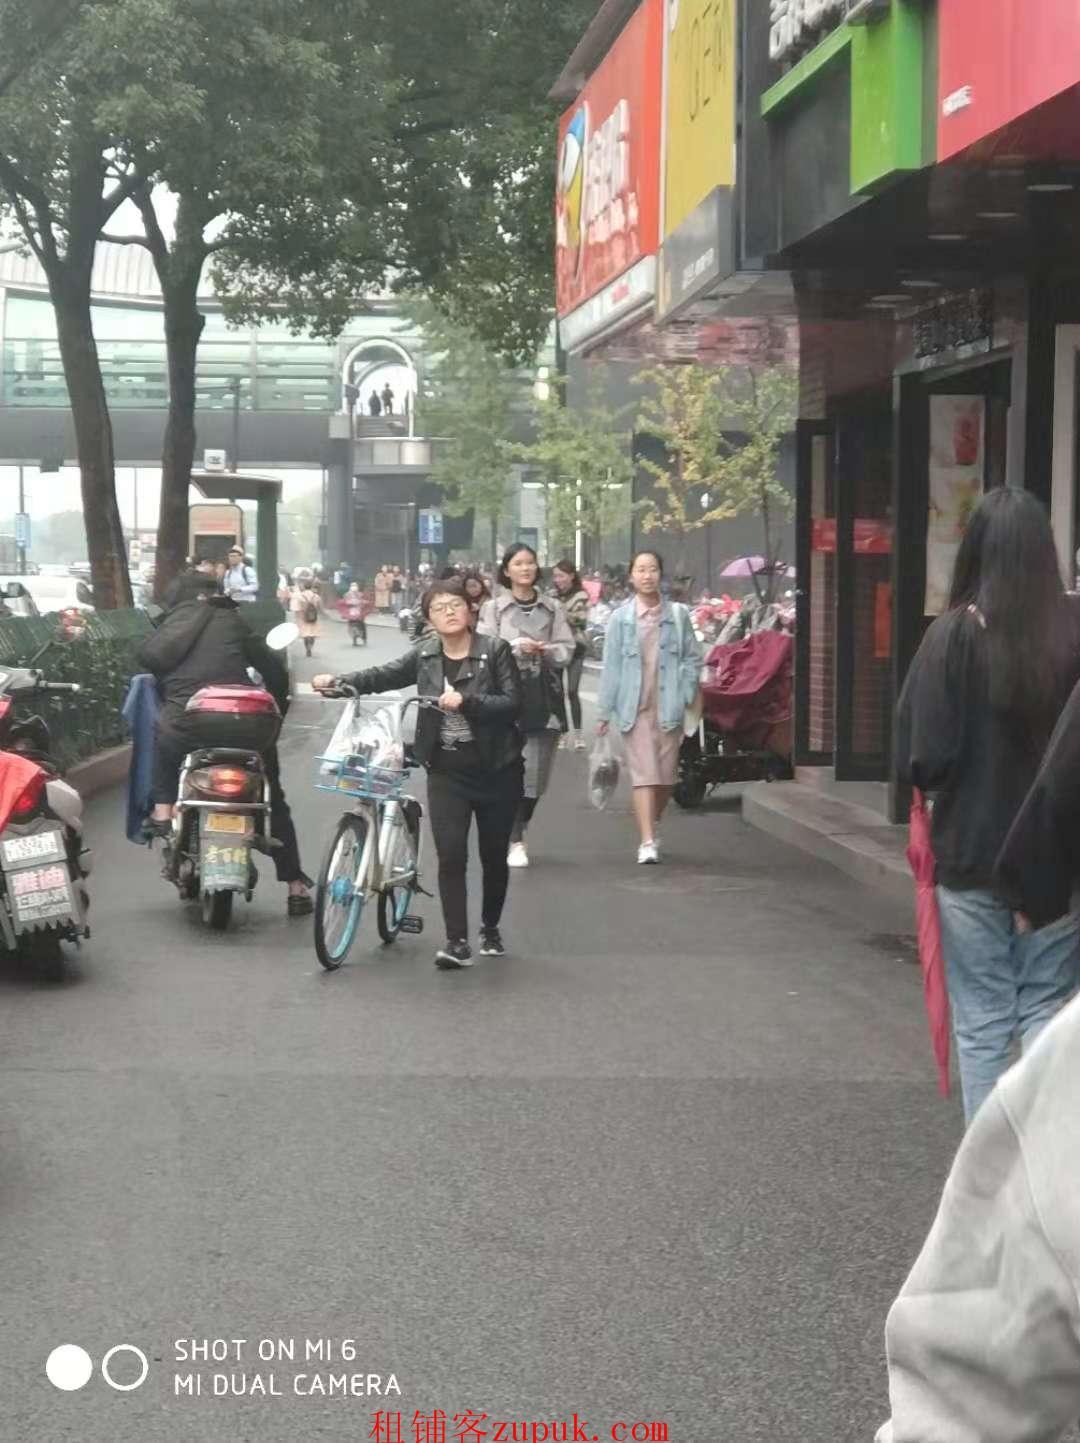 上城区湖滨商圈沿街十字路口餐饮旺铺 执照齐全客流大